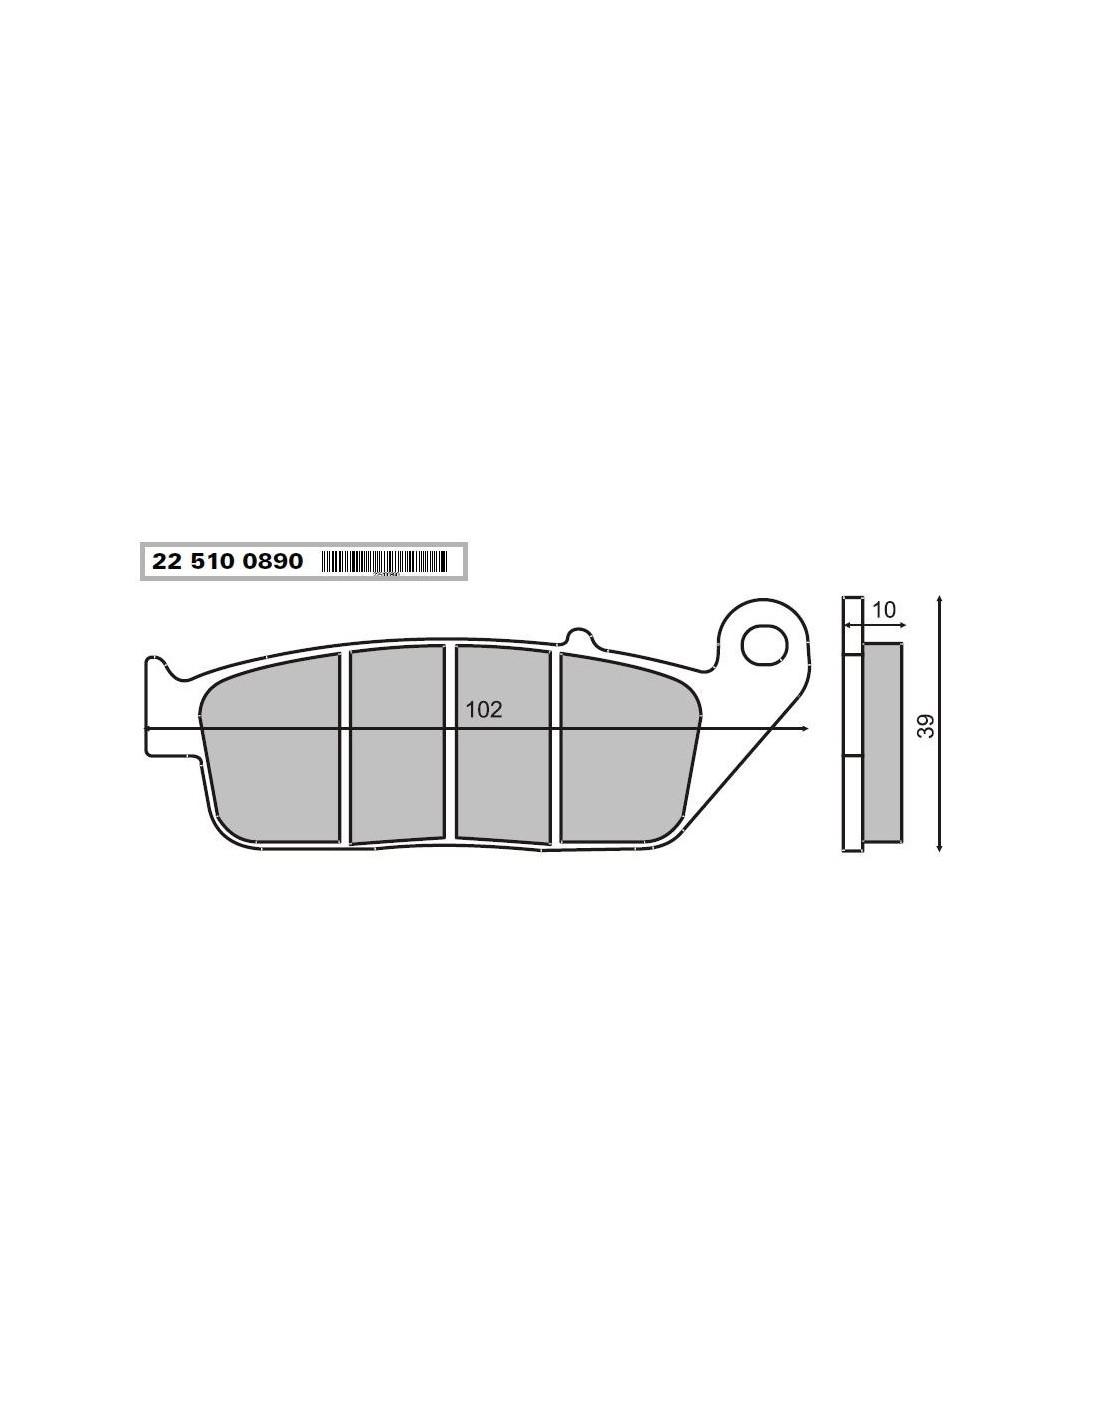 plaquettes de frein avant burgman 650 la meilleure offre. Black Bedroom Furniture Sets. Home Design Ideas